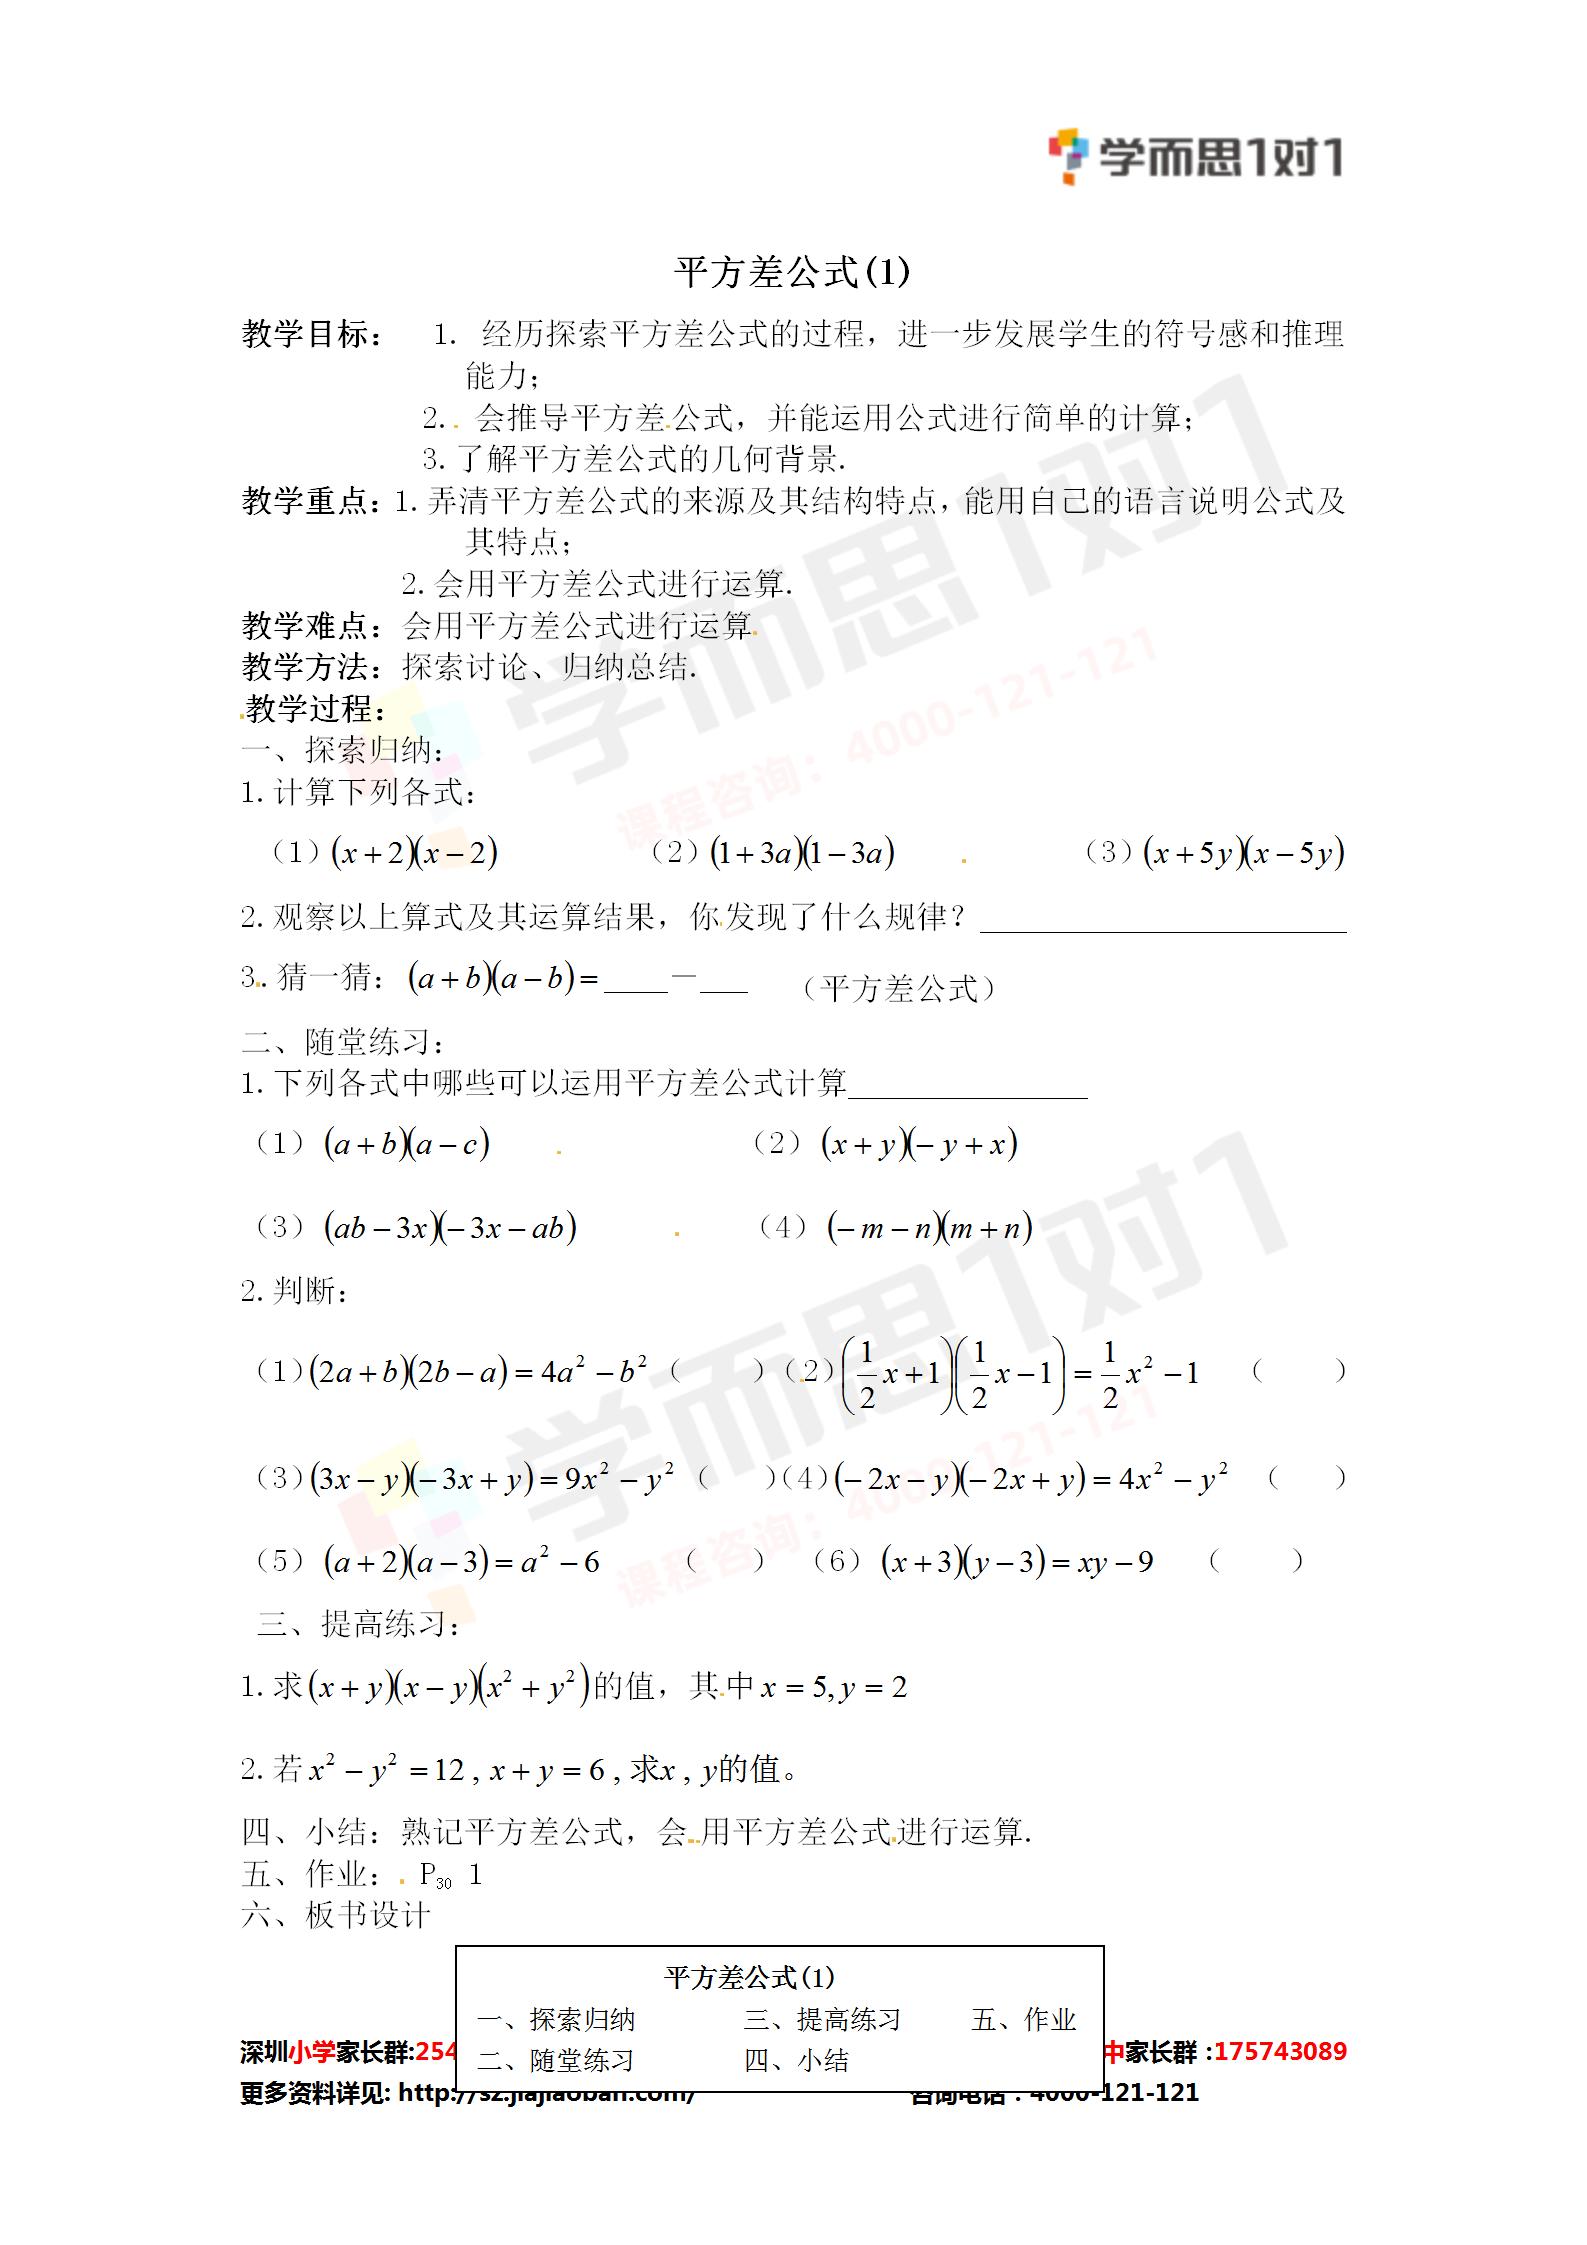 深圳七年级下册数学平方差公式教案